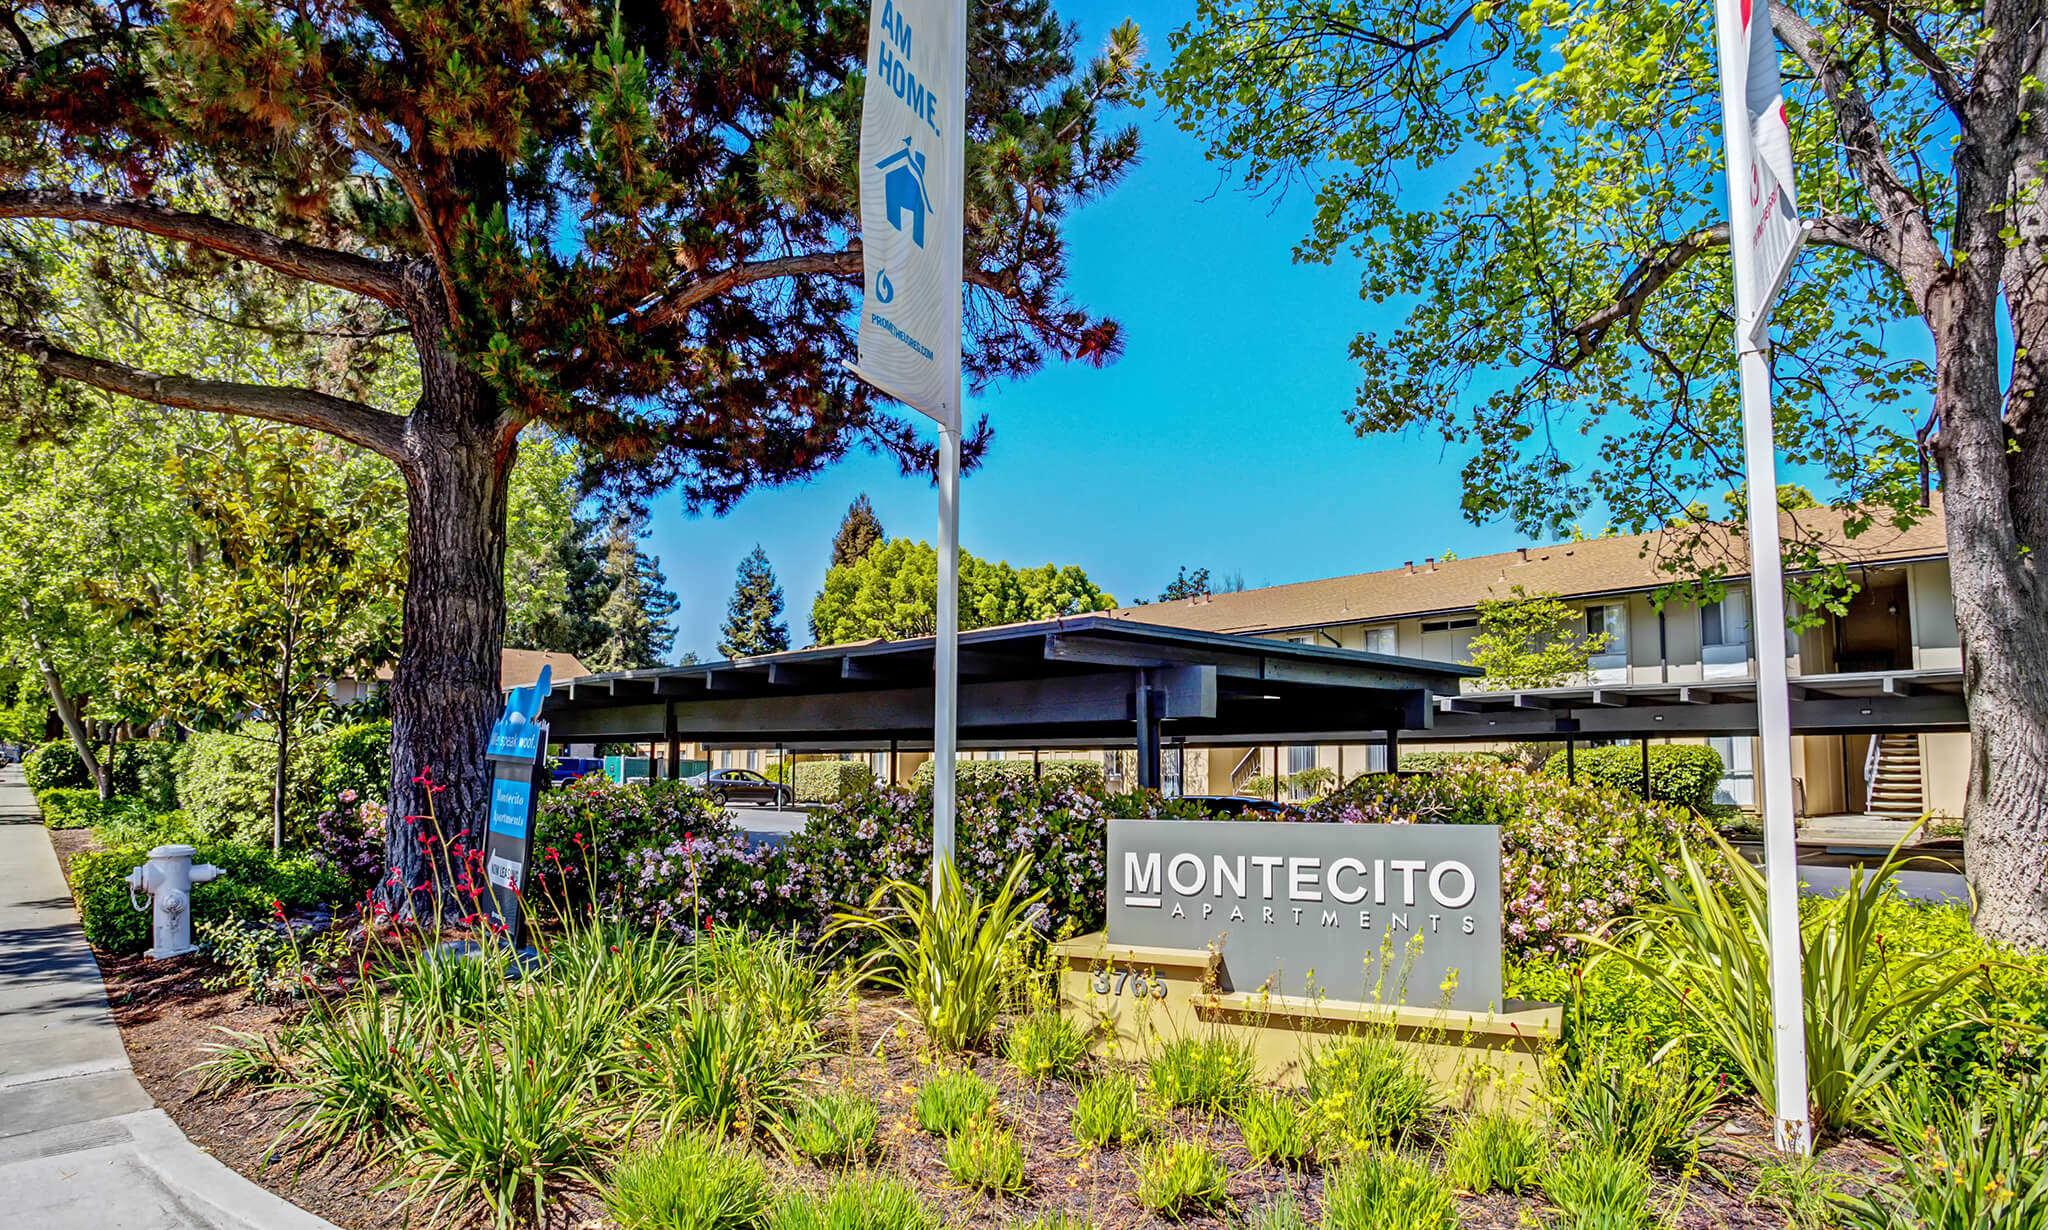 Montecito Apartments apartments in Santa Clara CA to rent photo 2